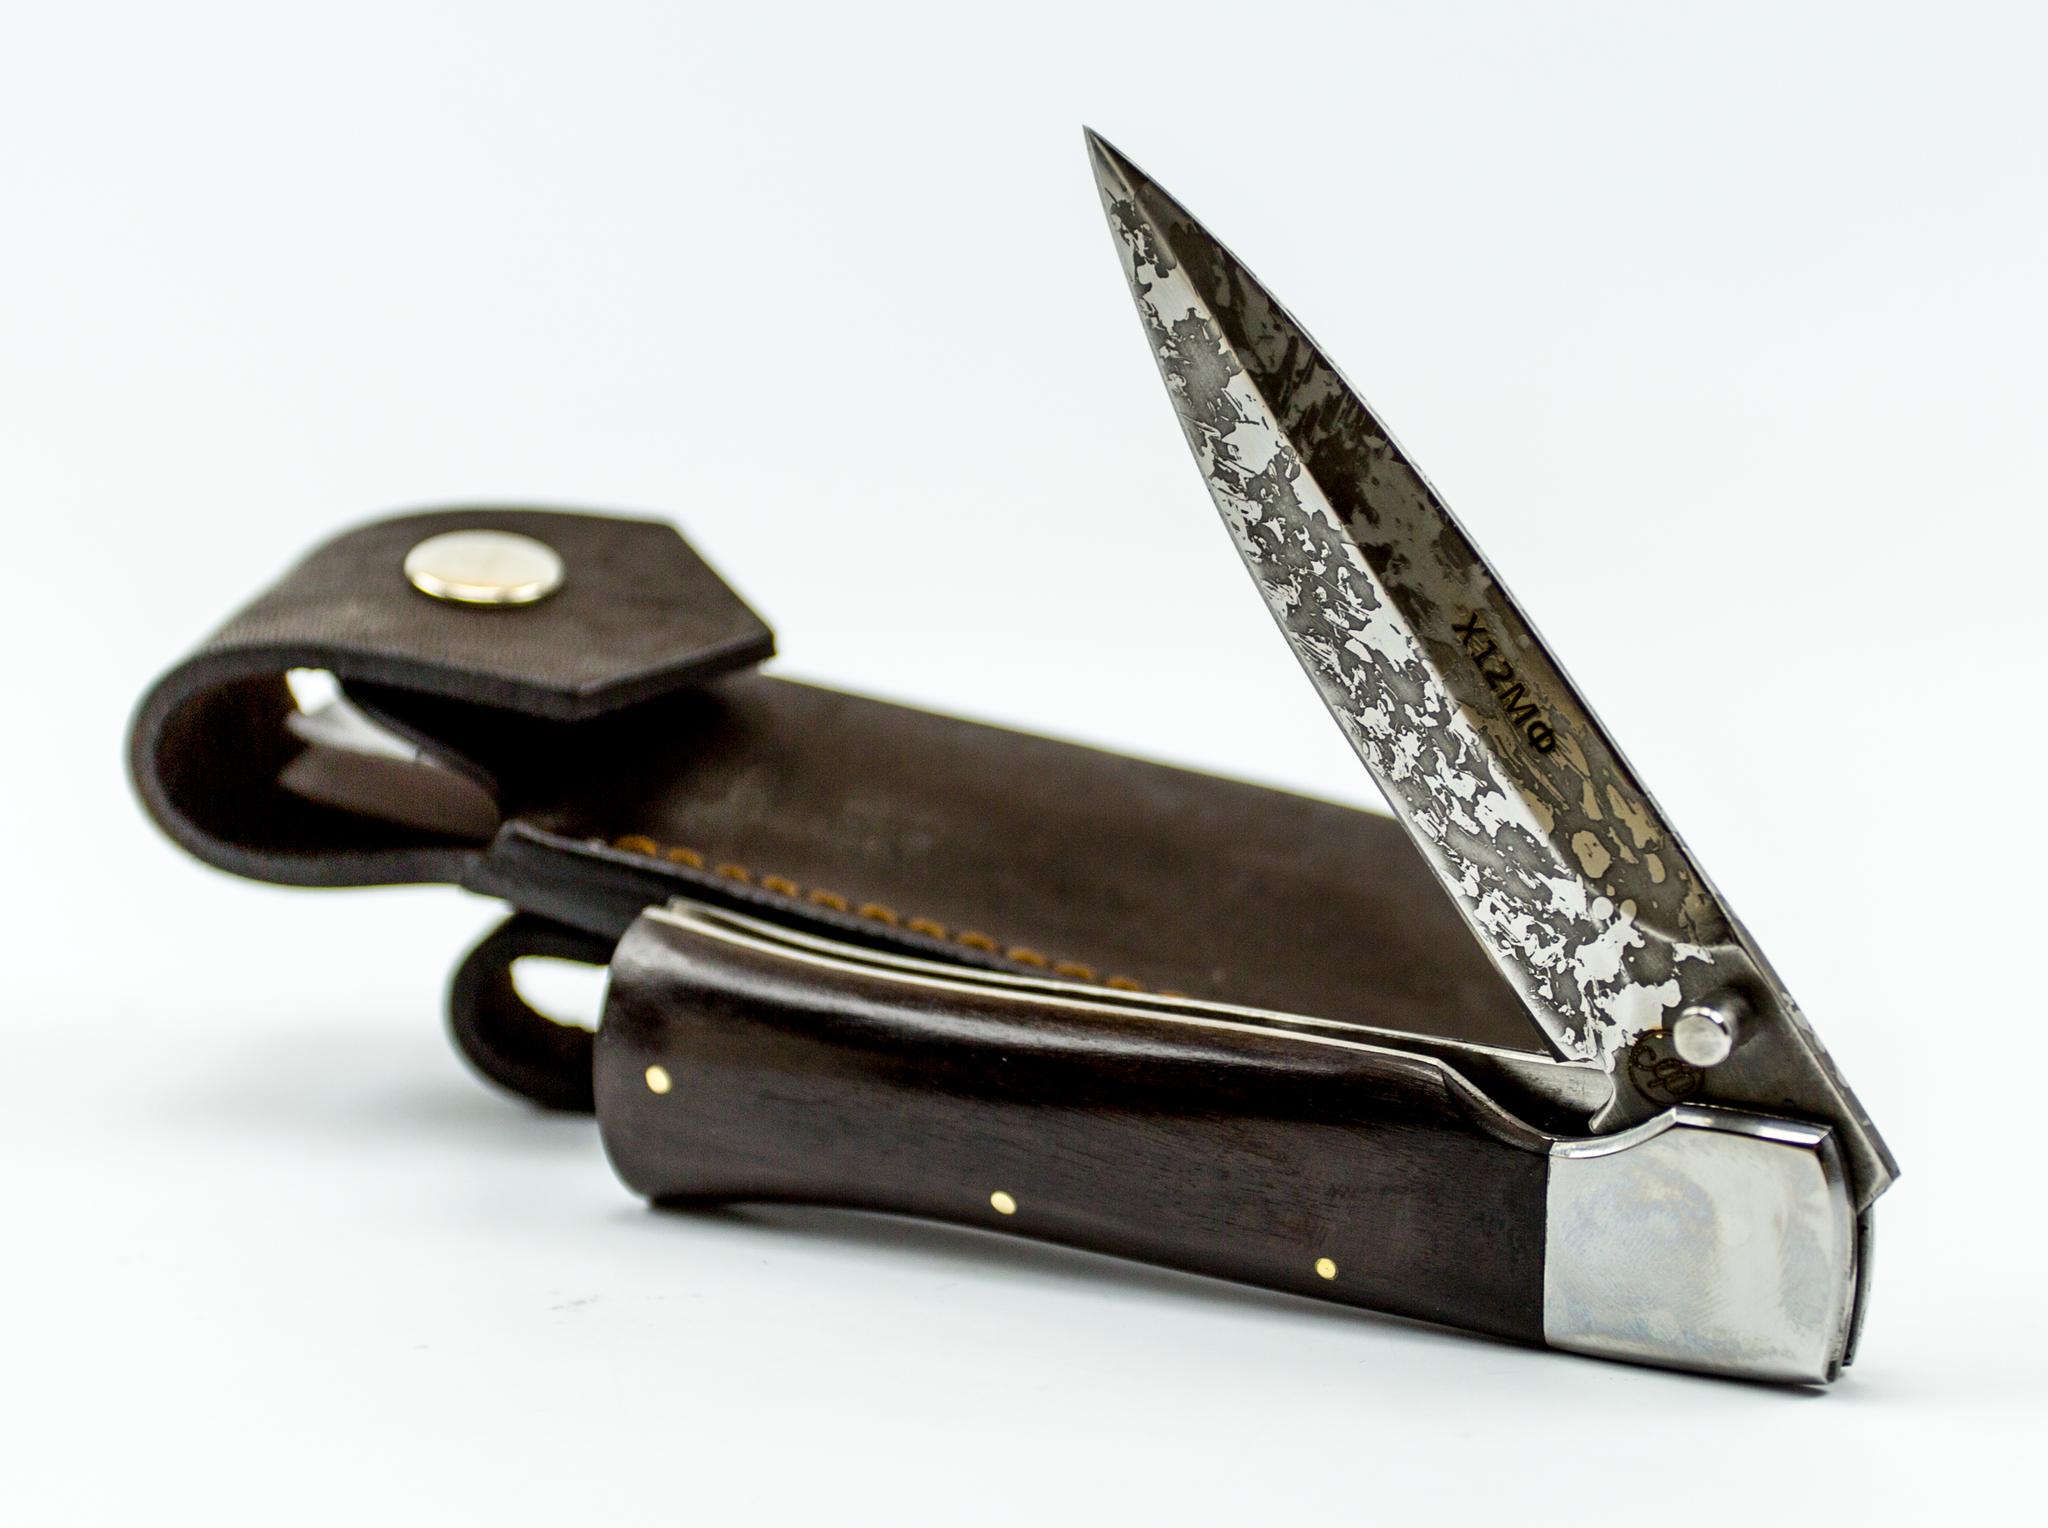 Фото 8 - Складной нож Щука, Х12МФ